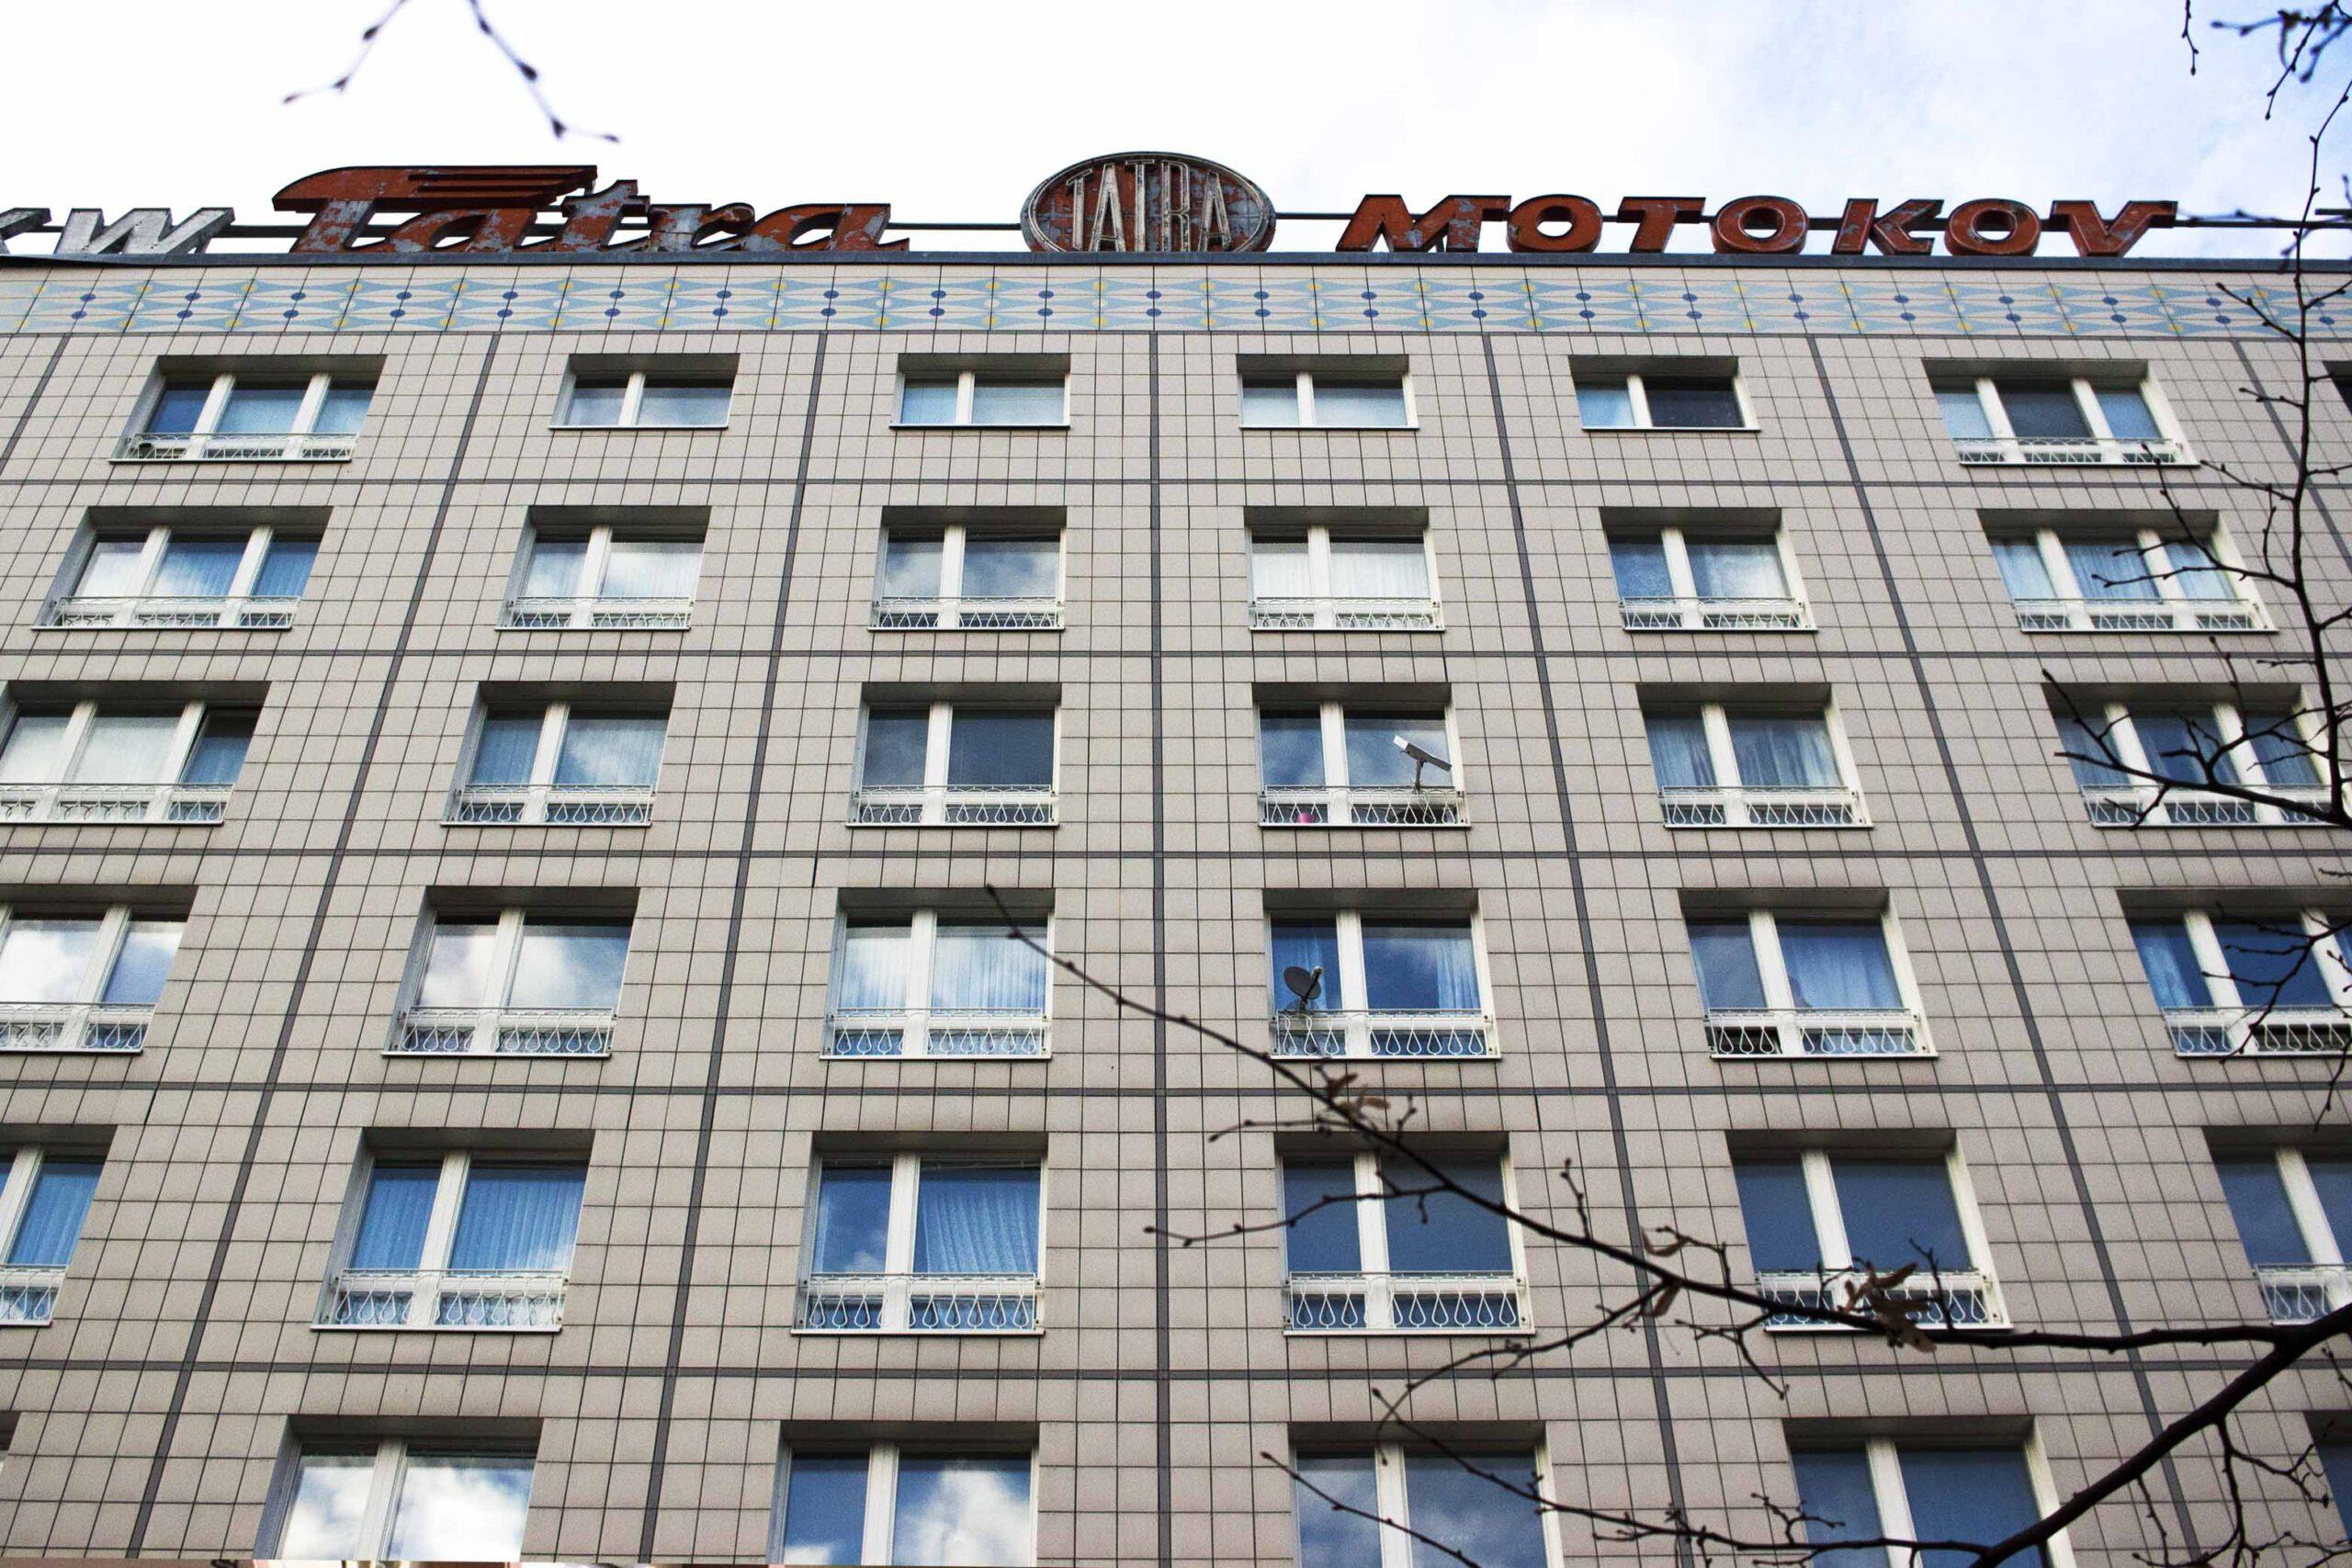 Facciata di un condominio a Berlino